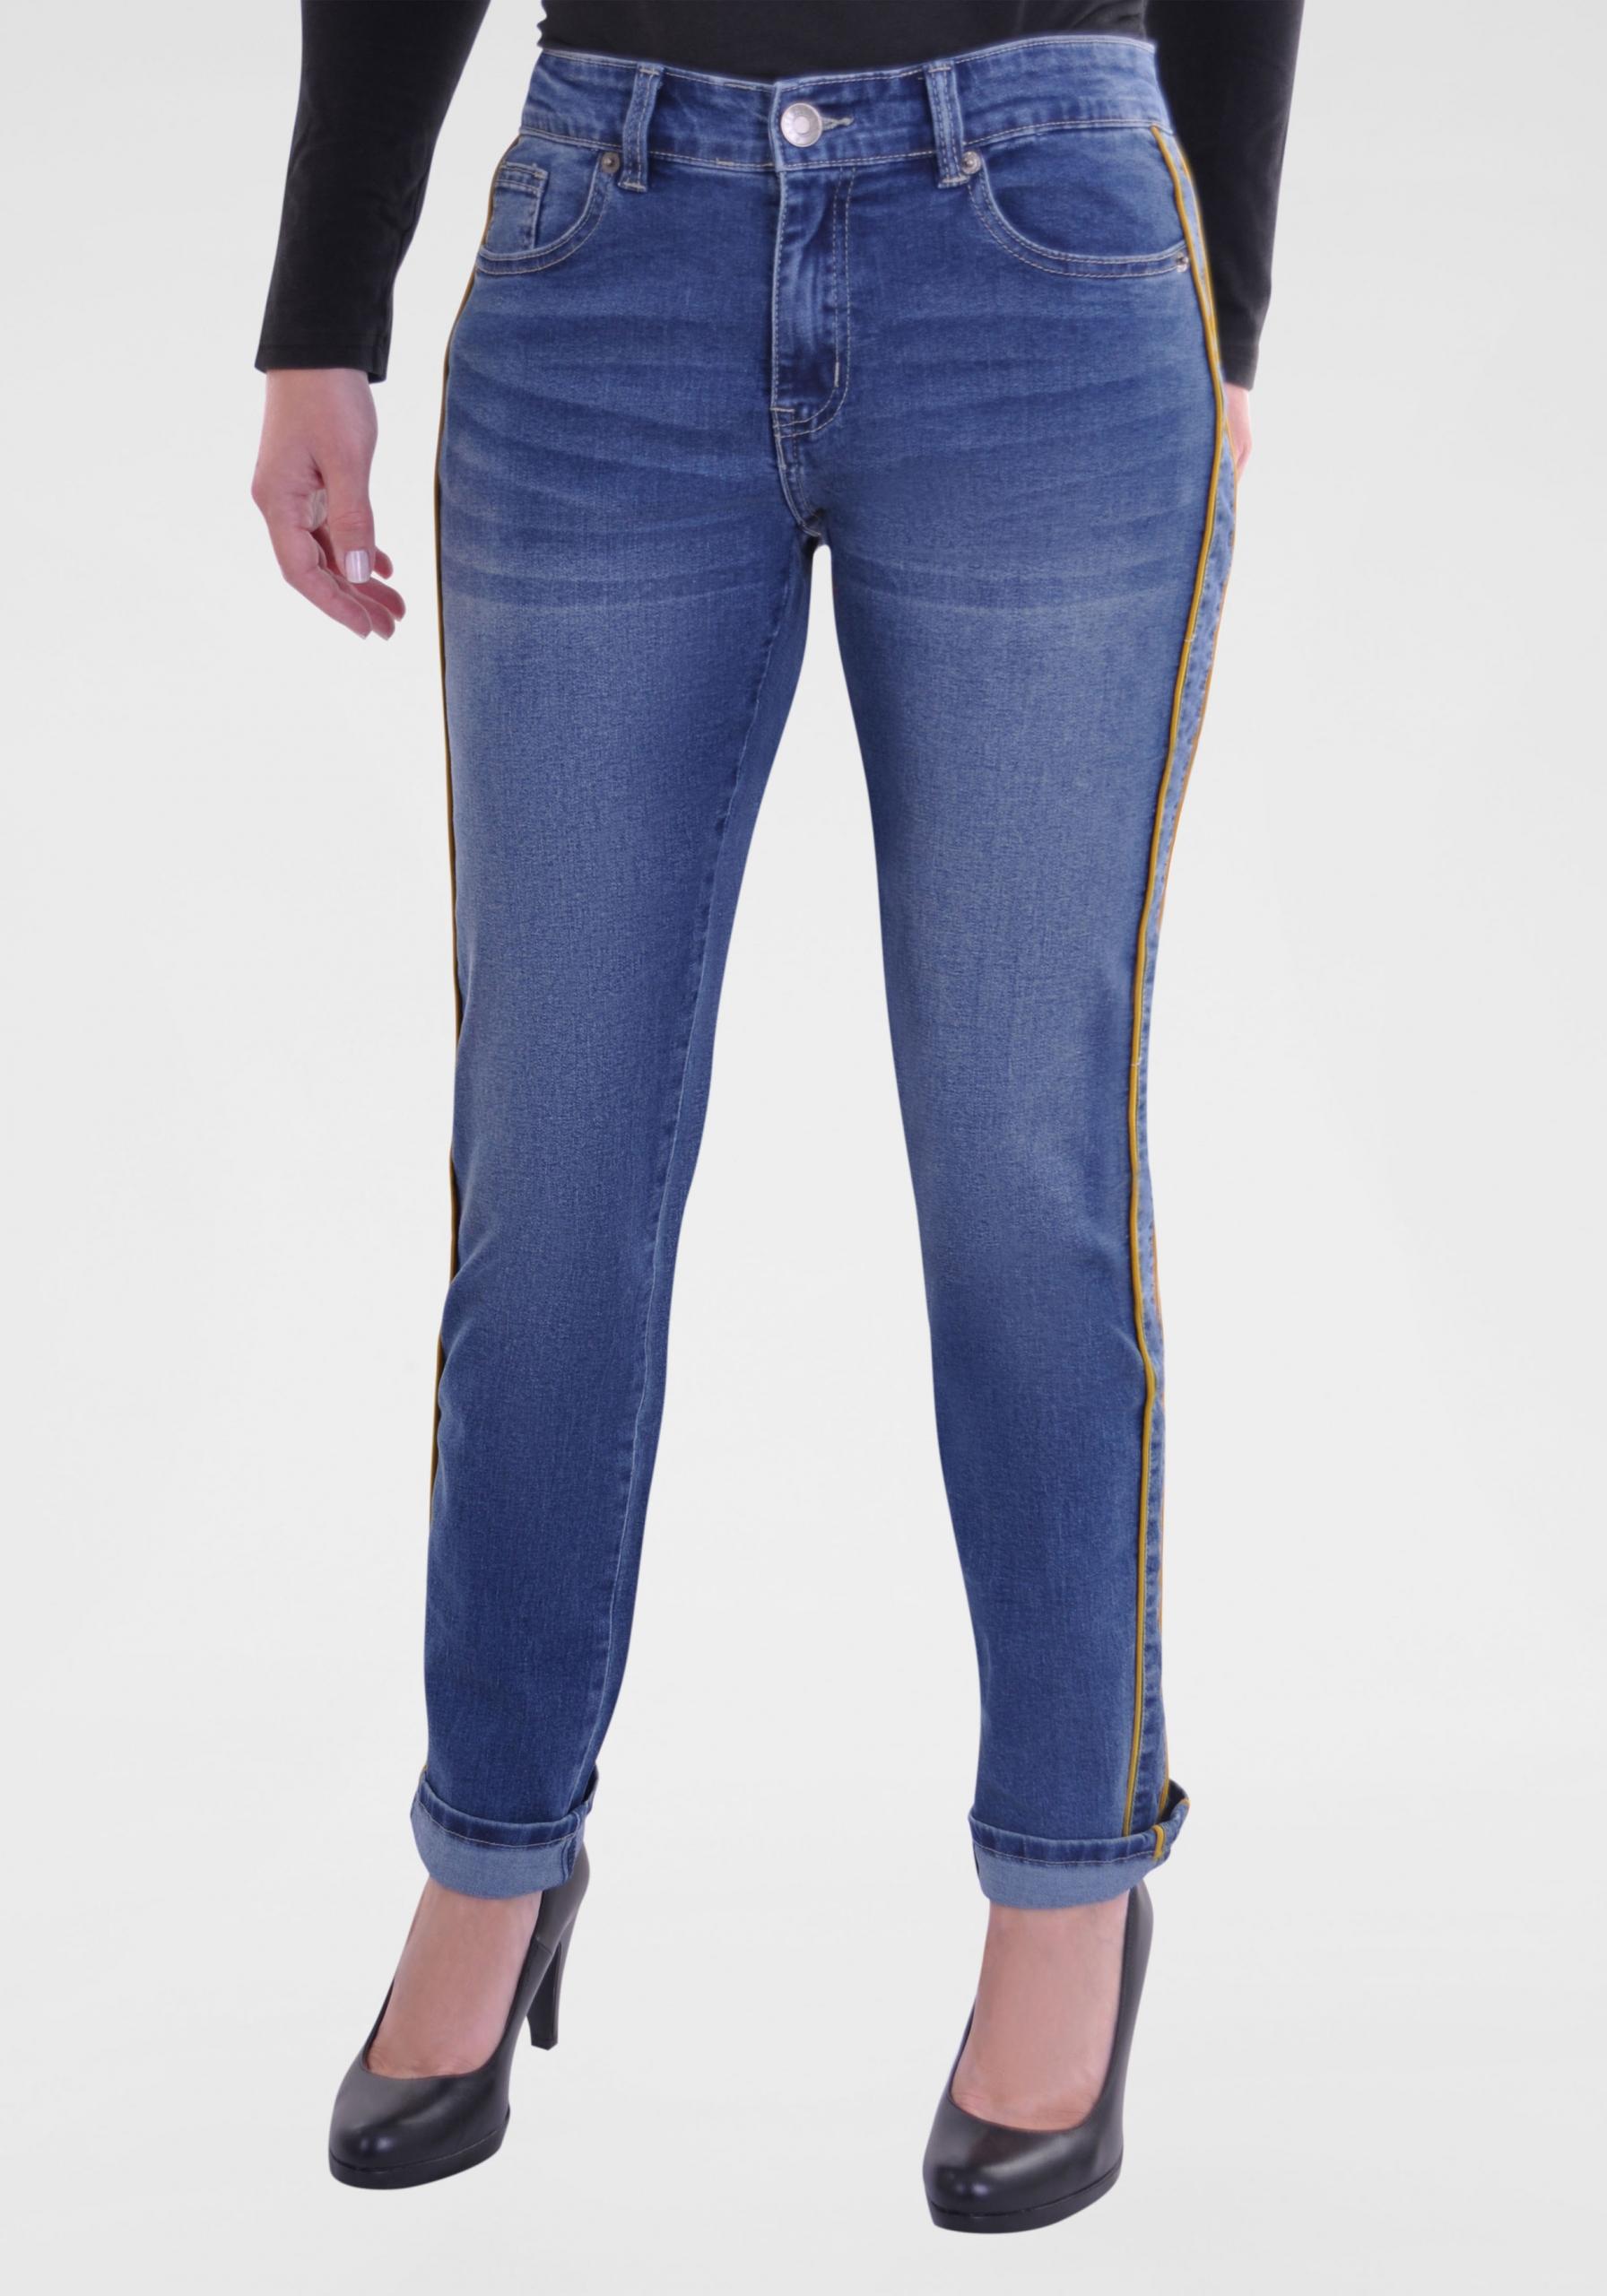 Damen Jeans mit Statement-Streifen blau